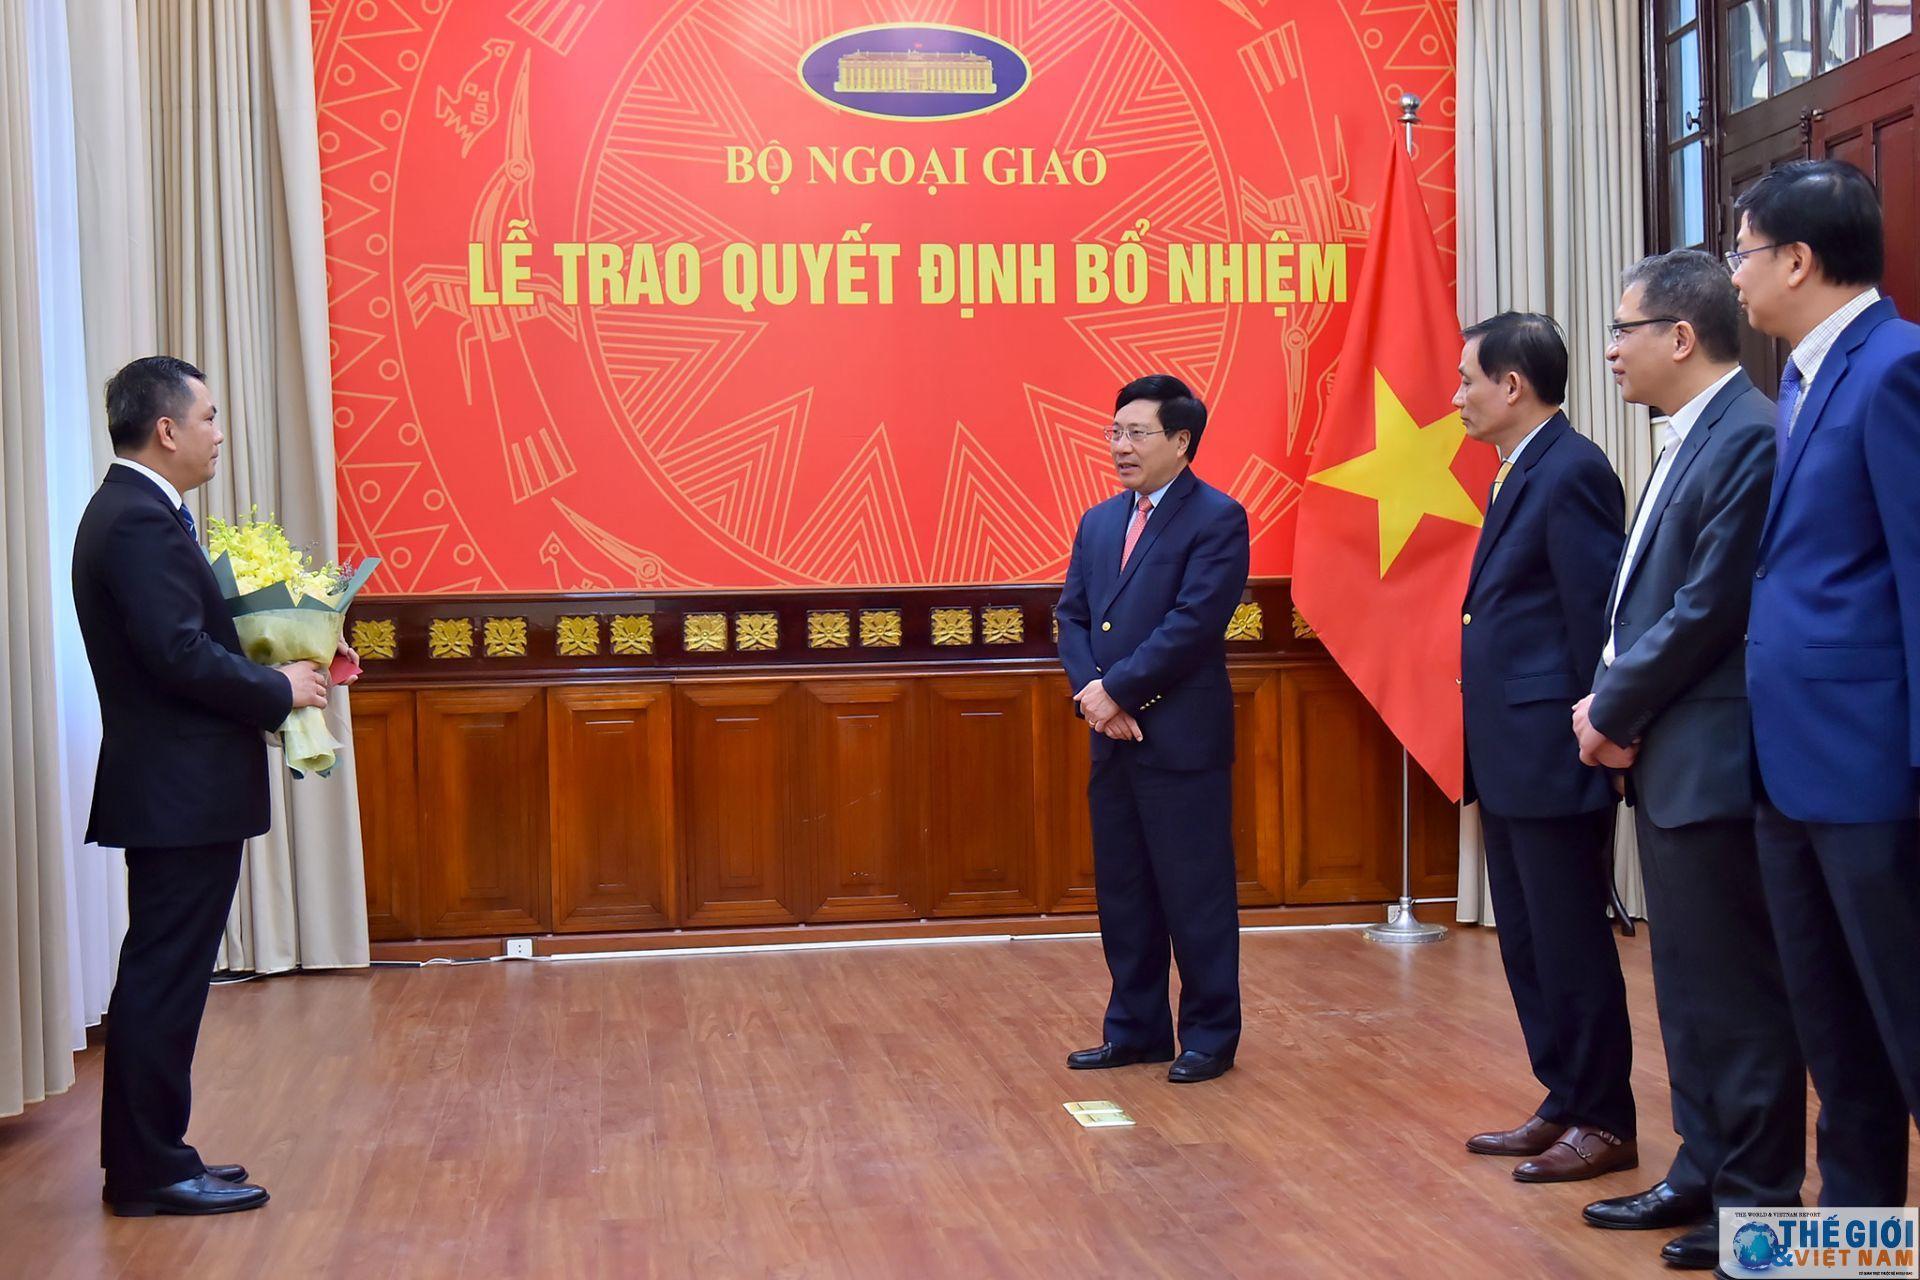 Phó Thủ tướng, Bộ trưởng Ngoại giao trao quyết định bổ nhiệm nhân sự